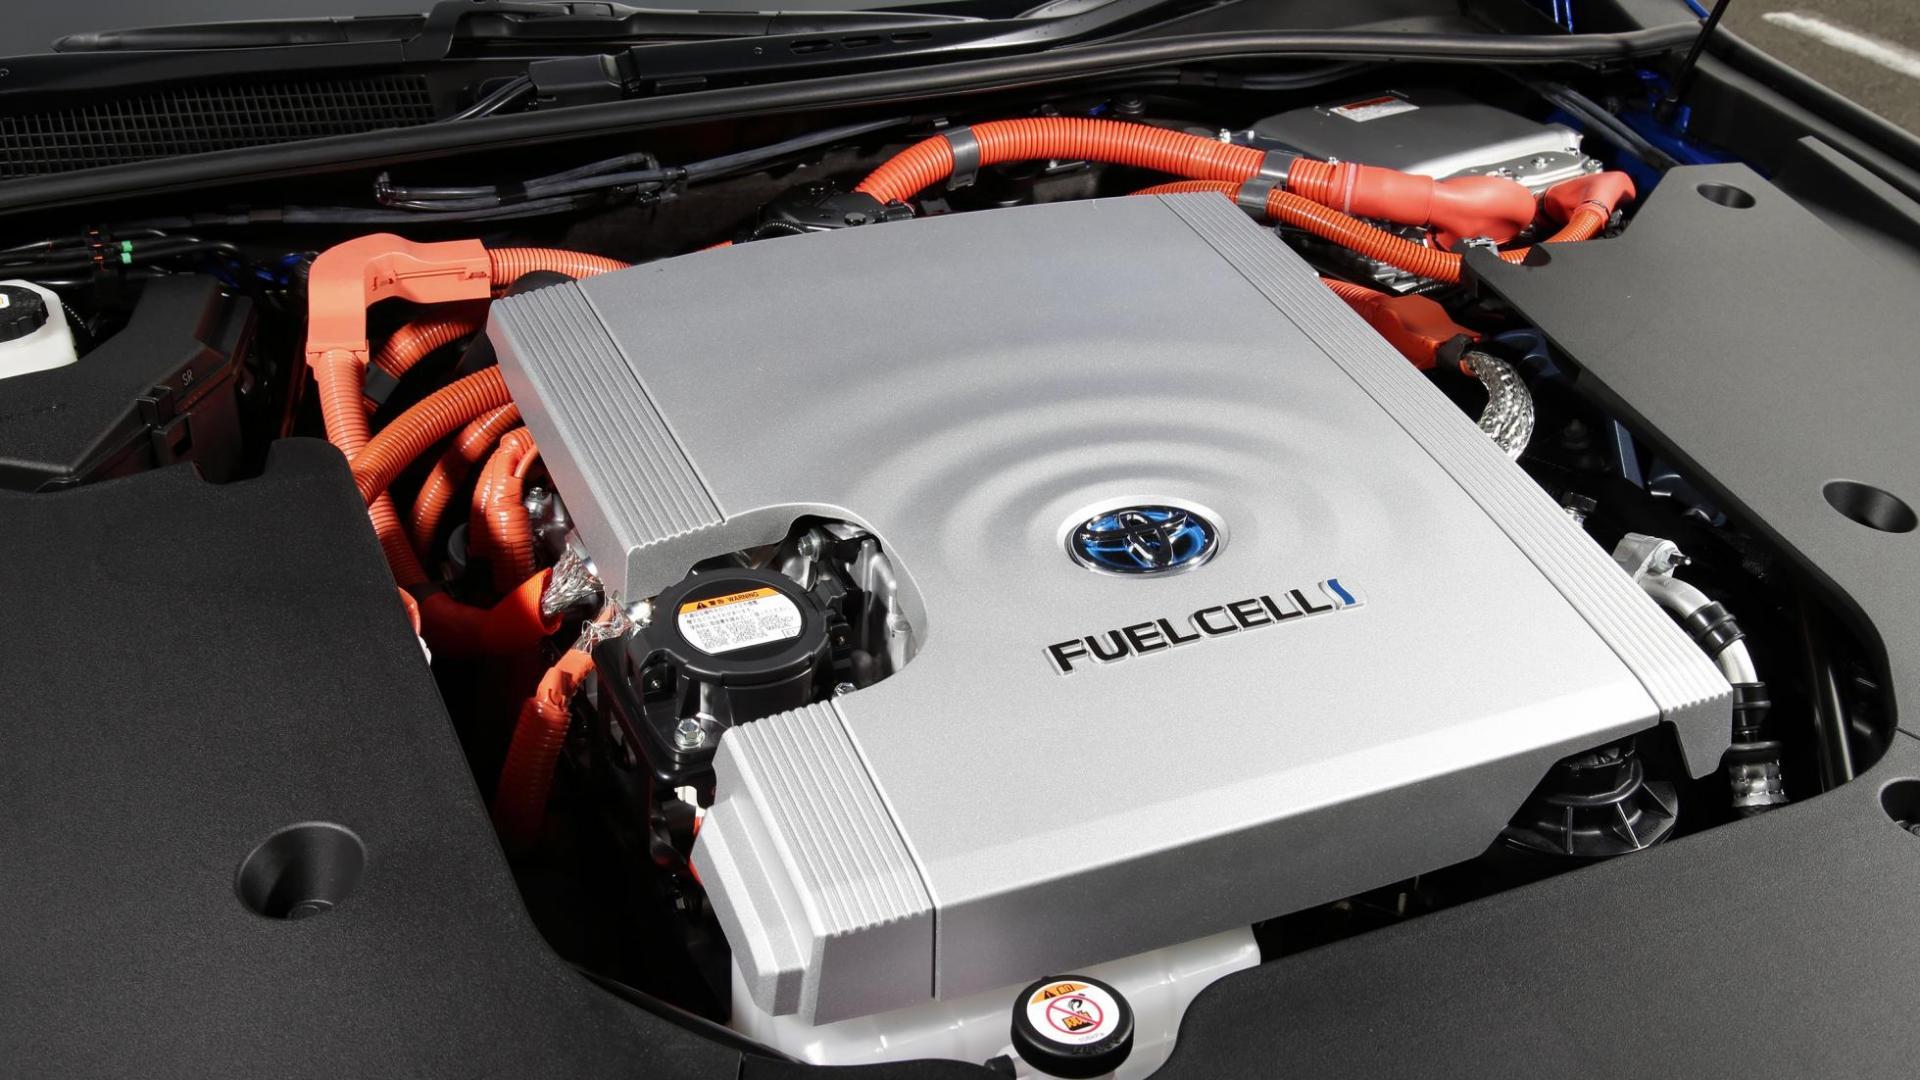 Fuelcell (motor) Toyota Mirai (2021) op waterstof